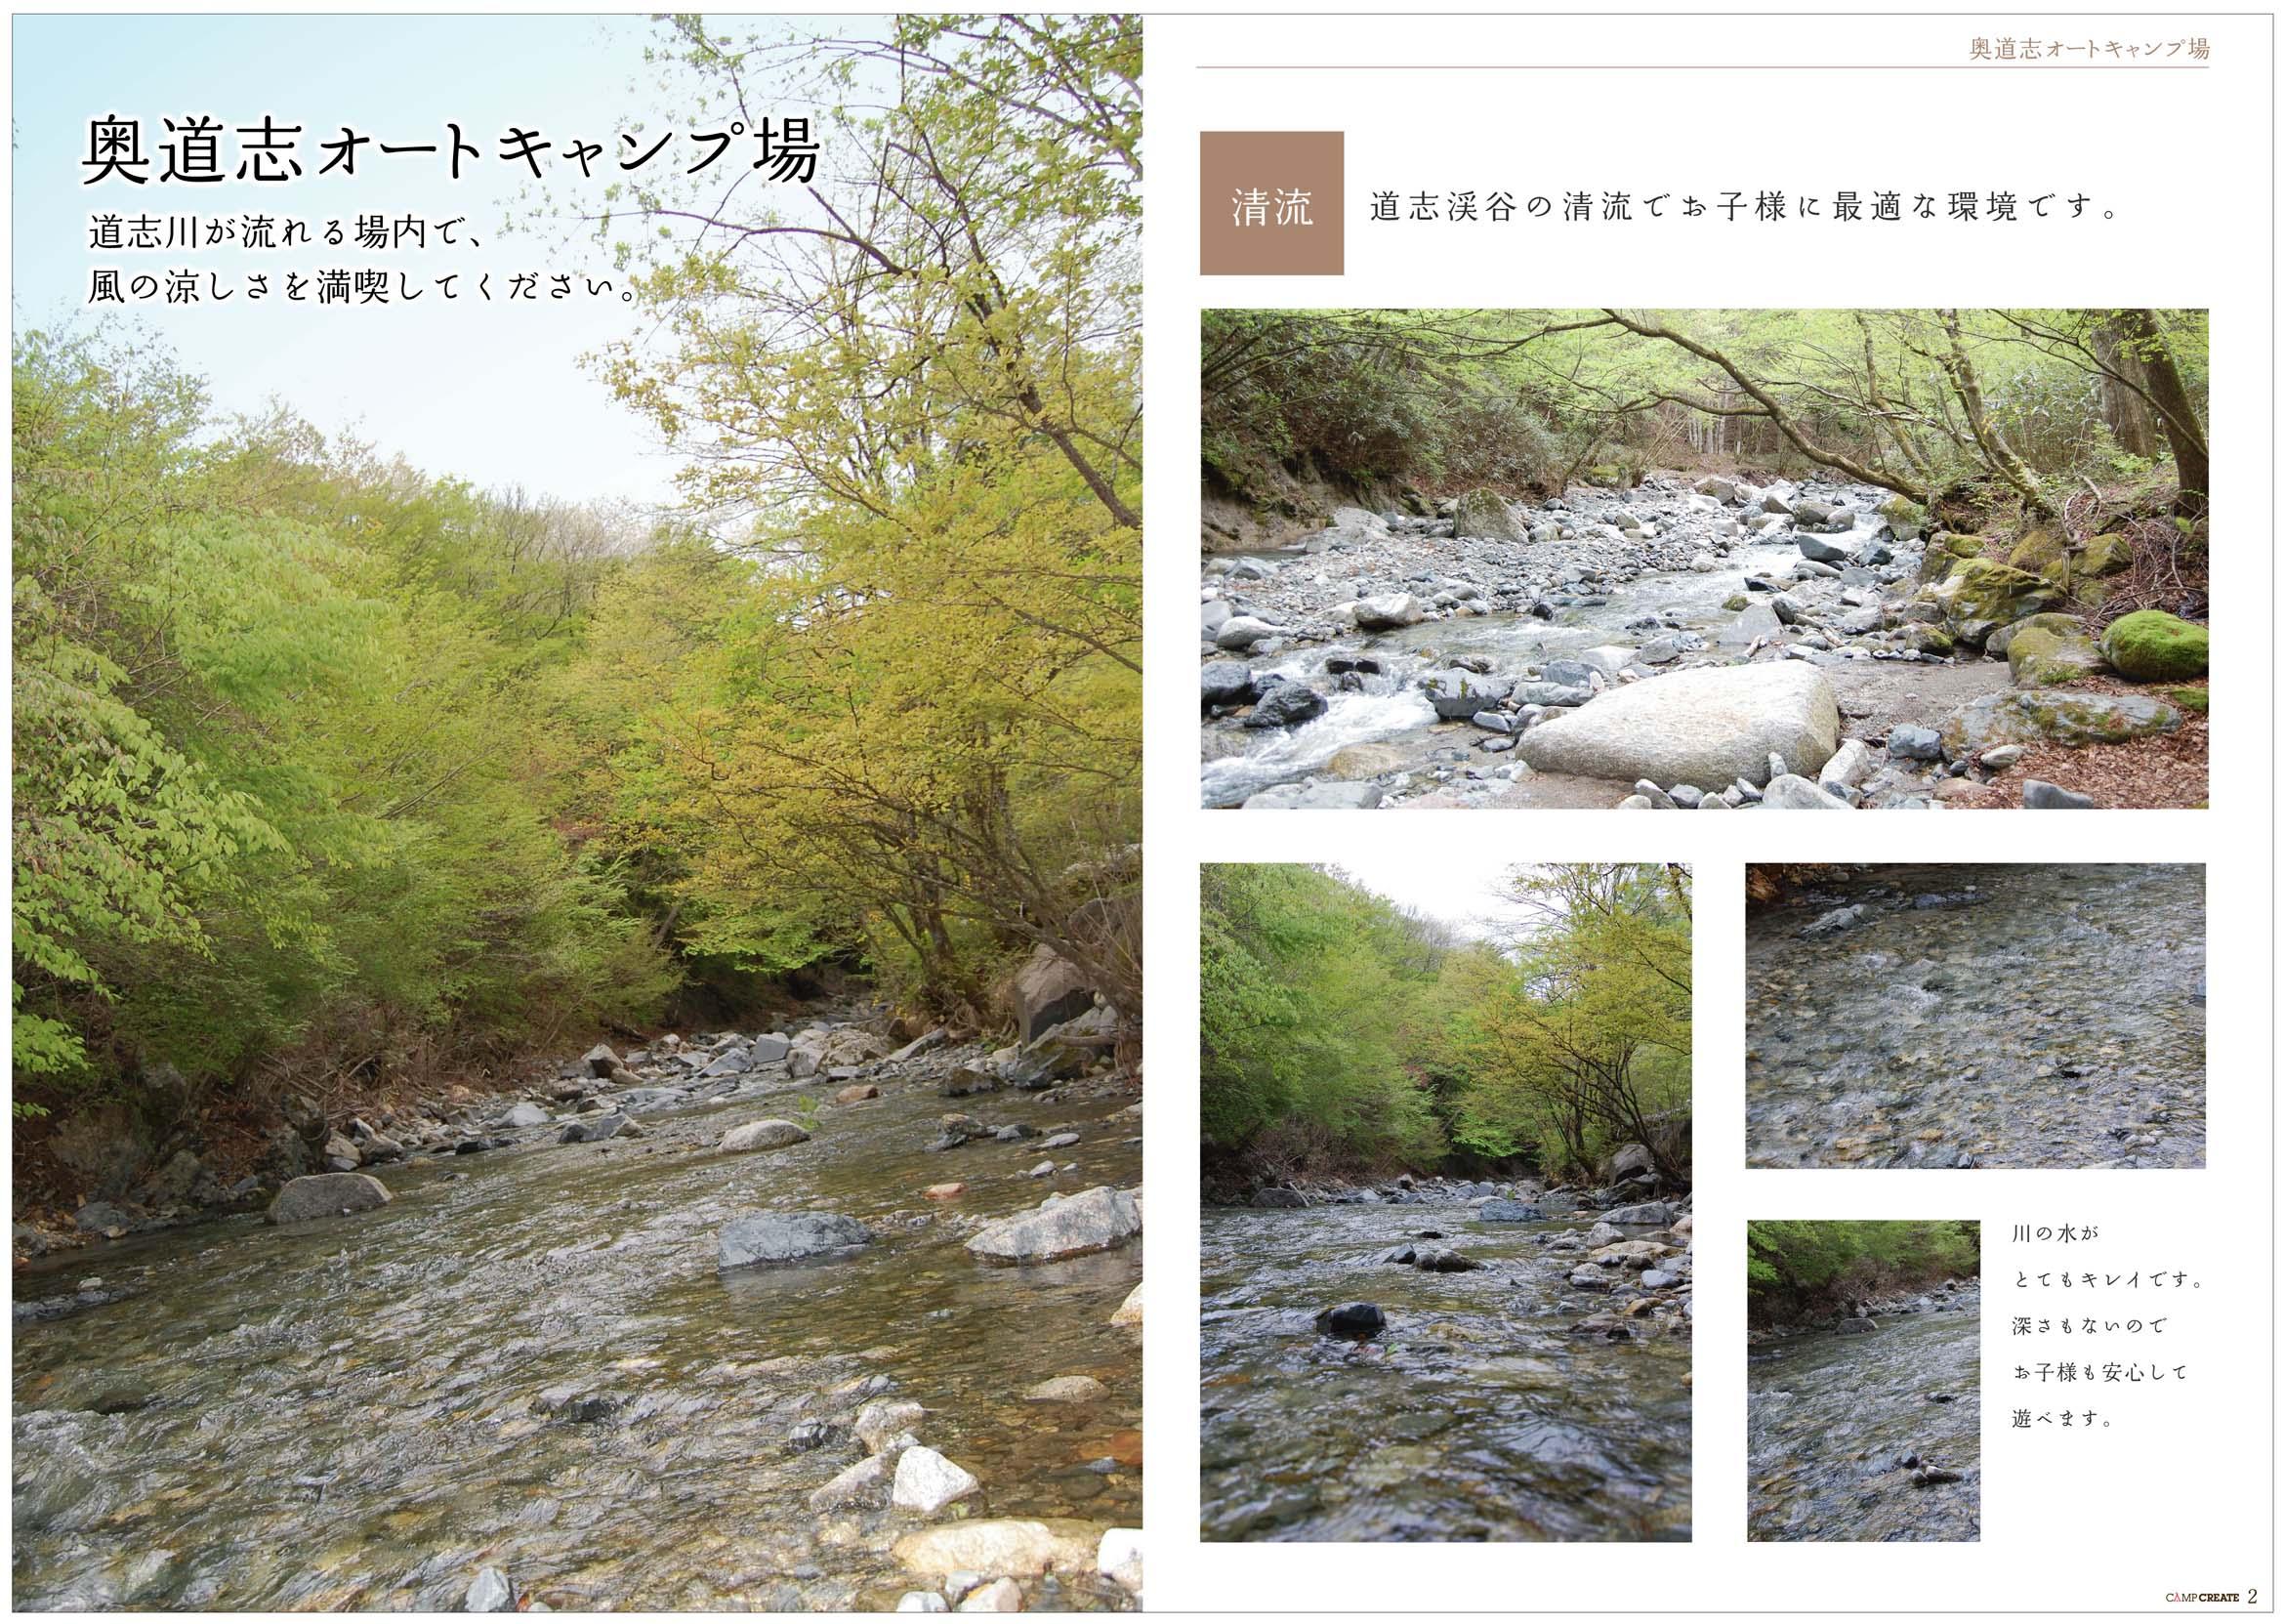 山梨 道 志村 キャンプ 場